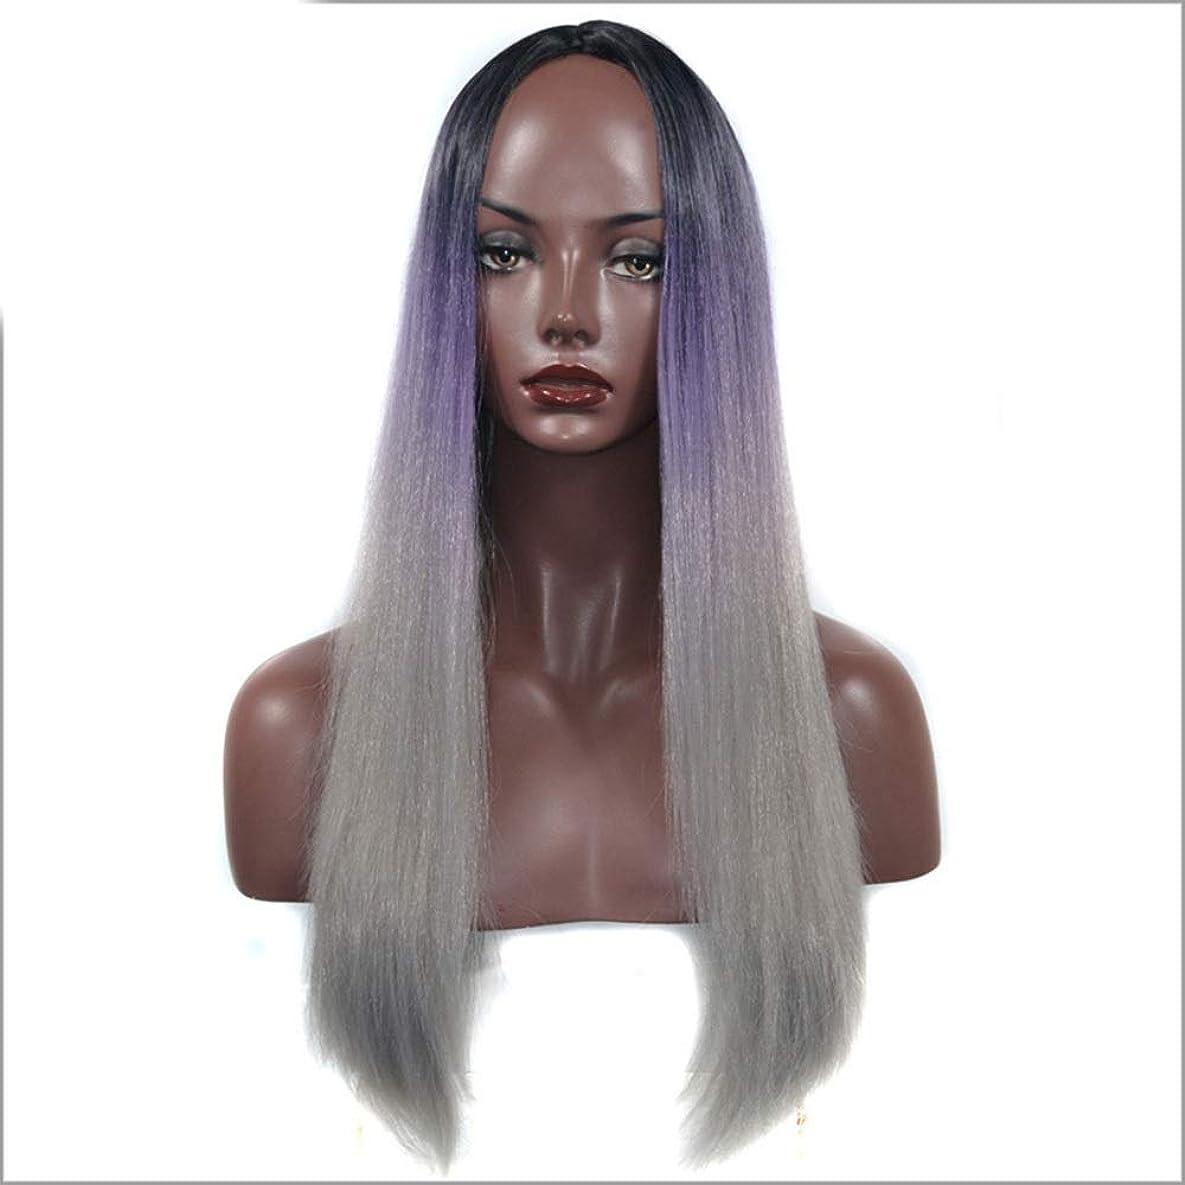 遺伝的計画絶対にYESONEEP 女性のためのコスプレパーティードレスのための黒の紫色の長いストレートの髪のかつら (Color : Black purple gray, サイズ : 60cm)